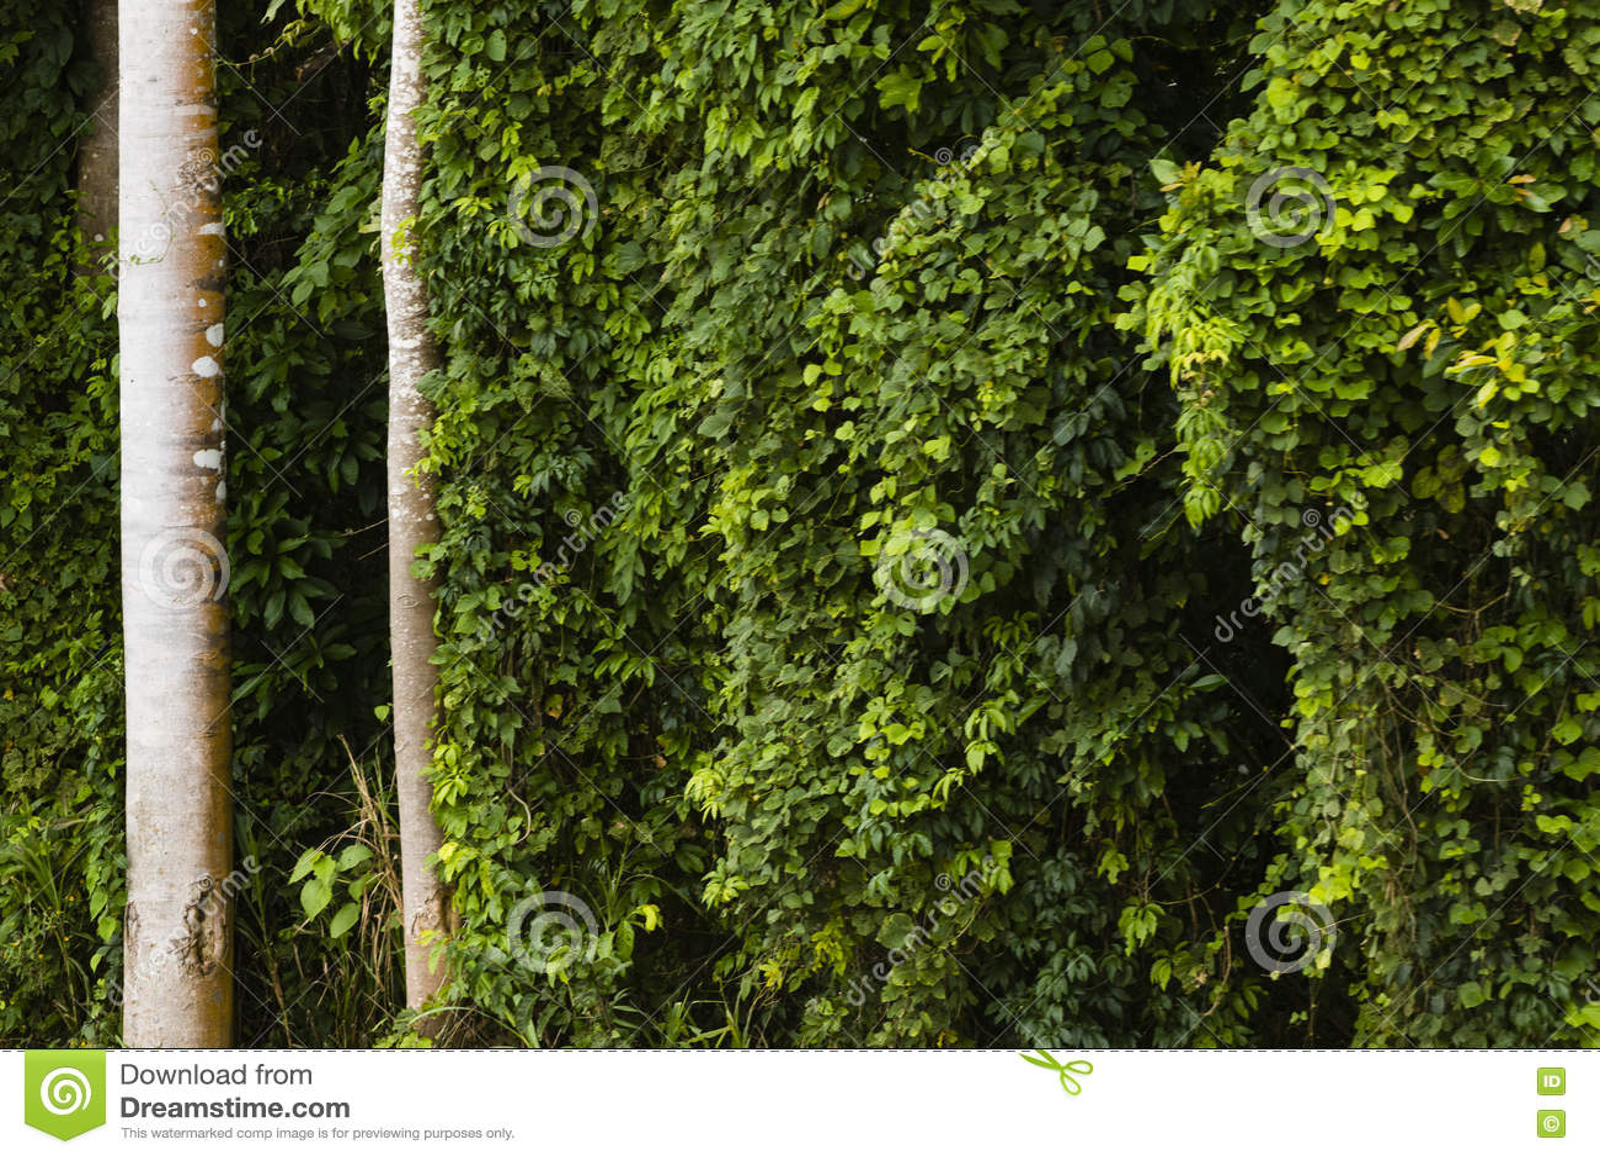 Tronchi di albero e cespugli verdi